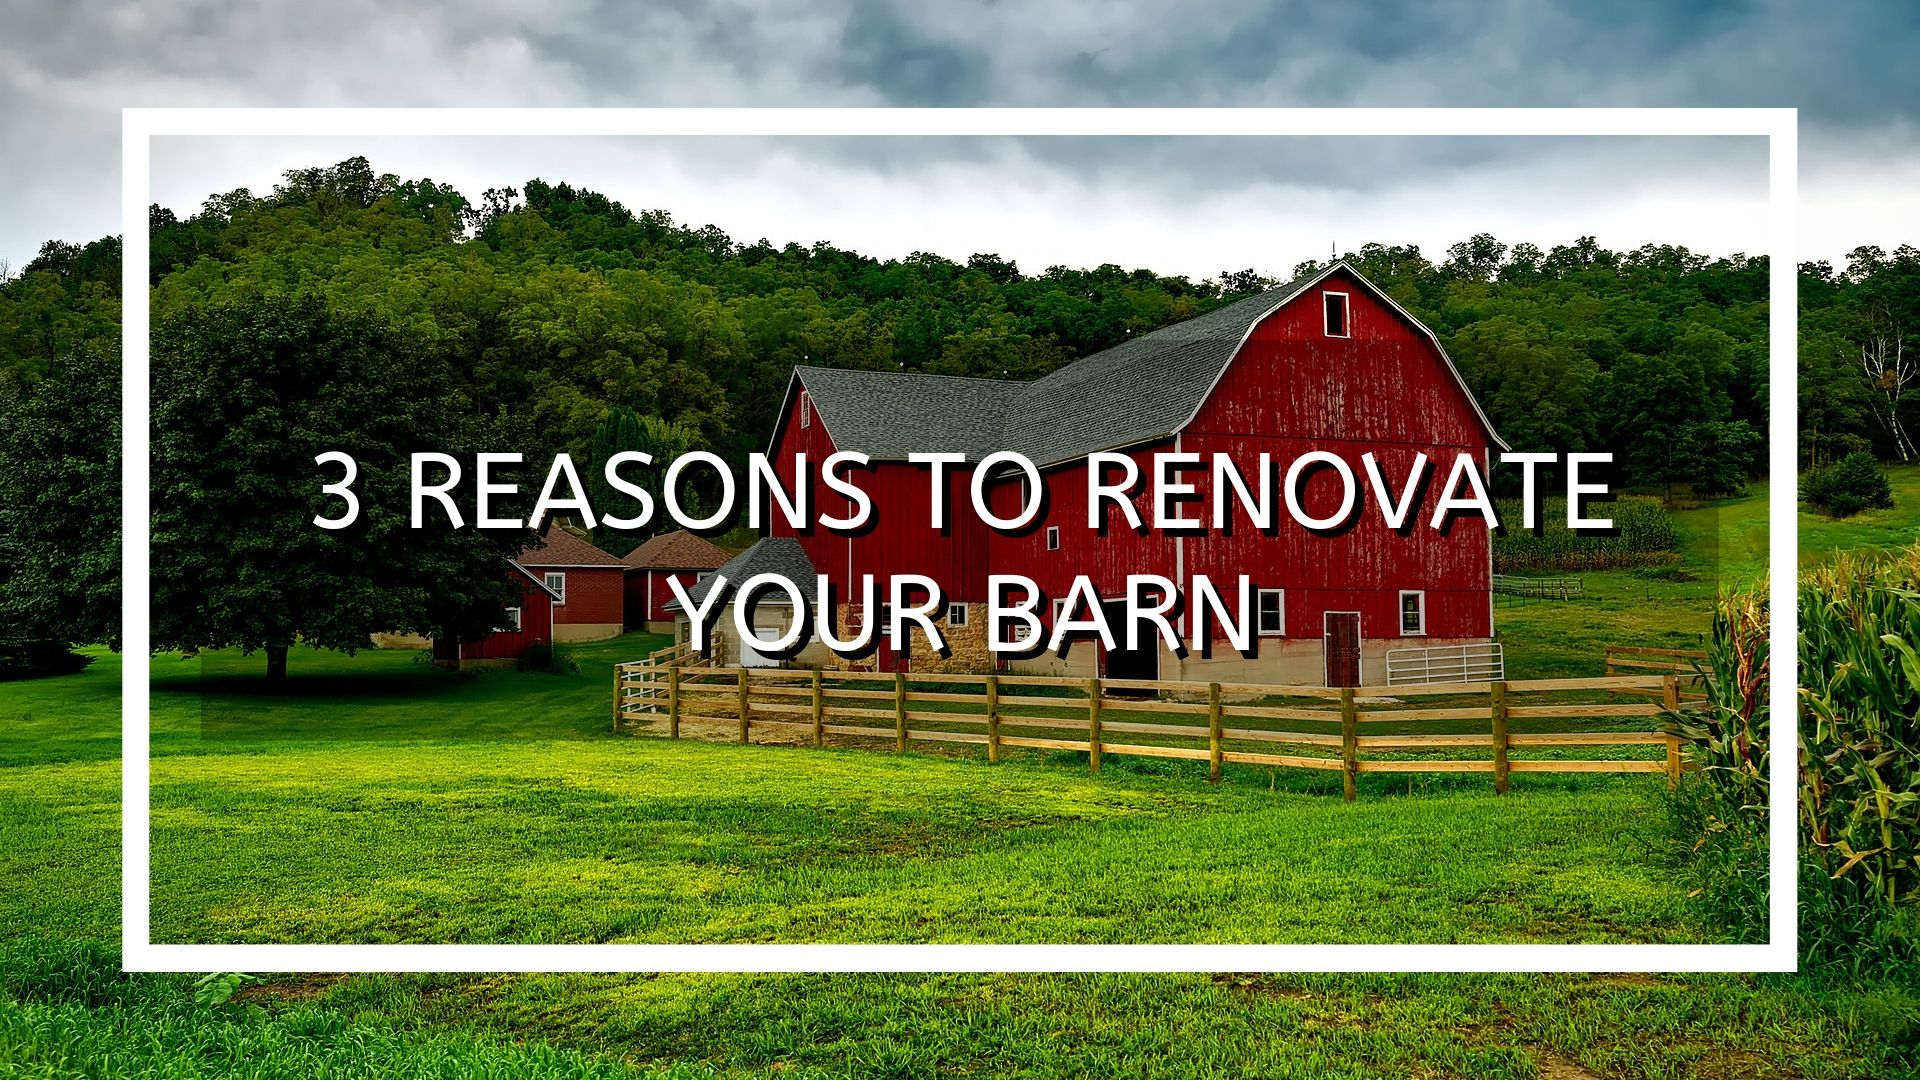 Barn renovation.jpg